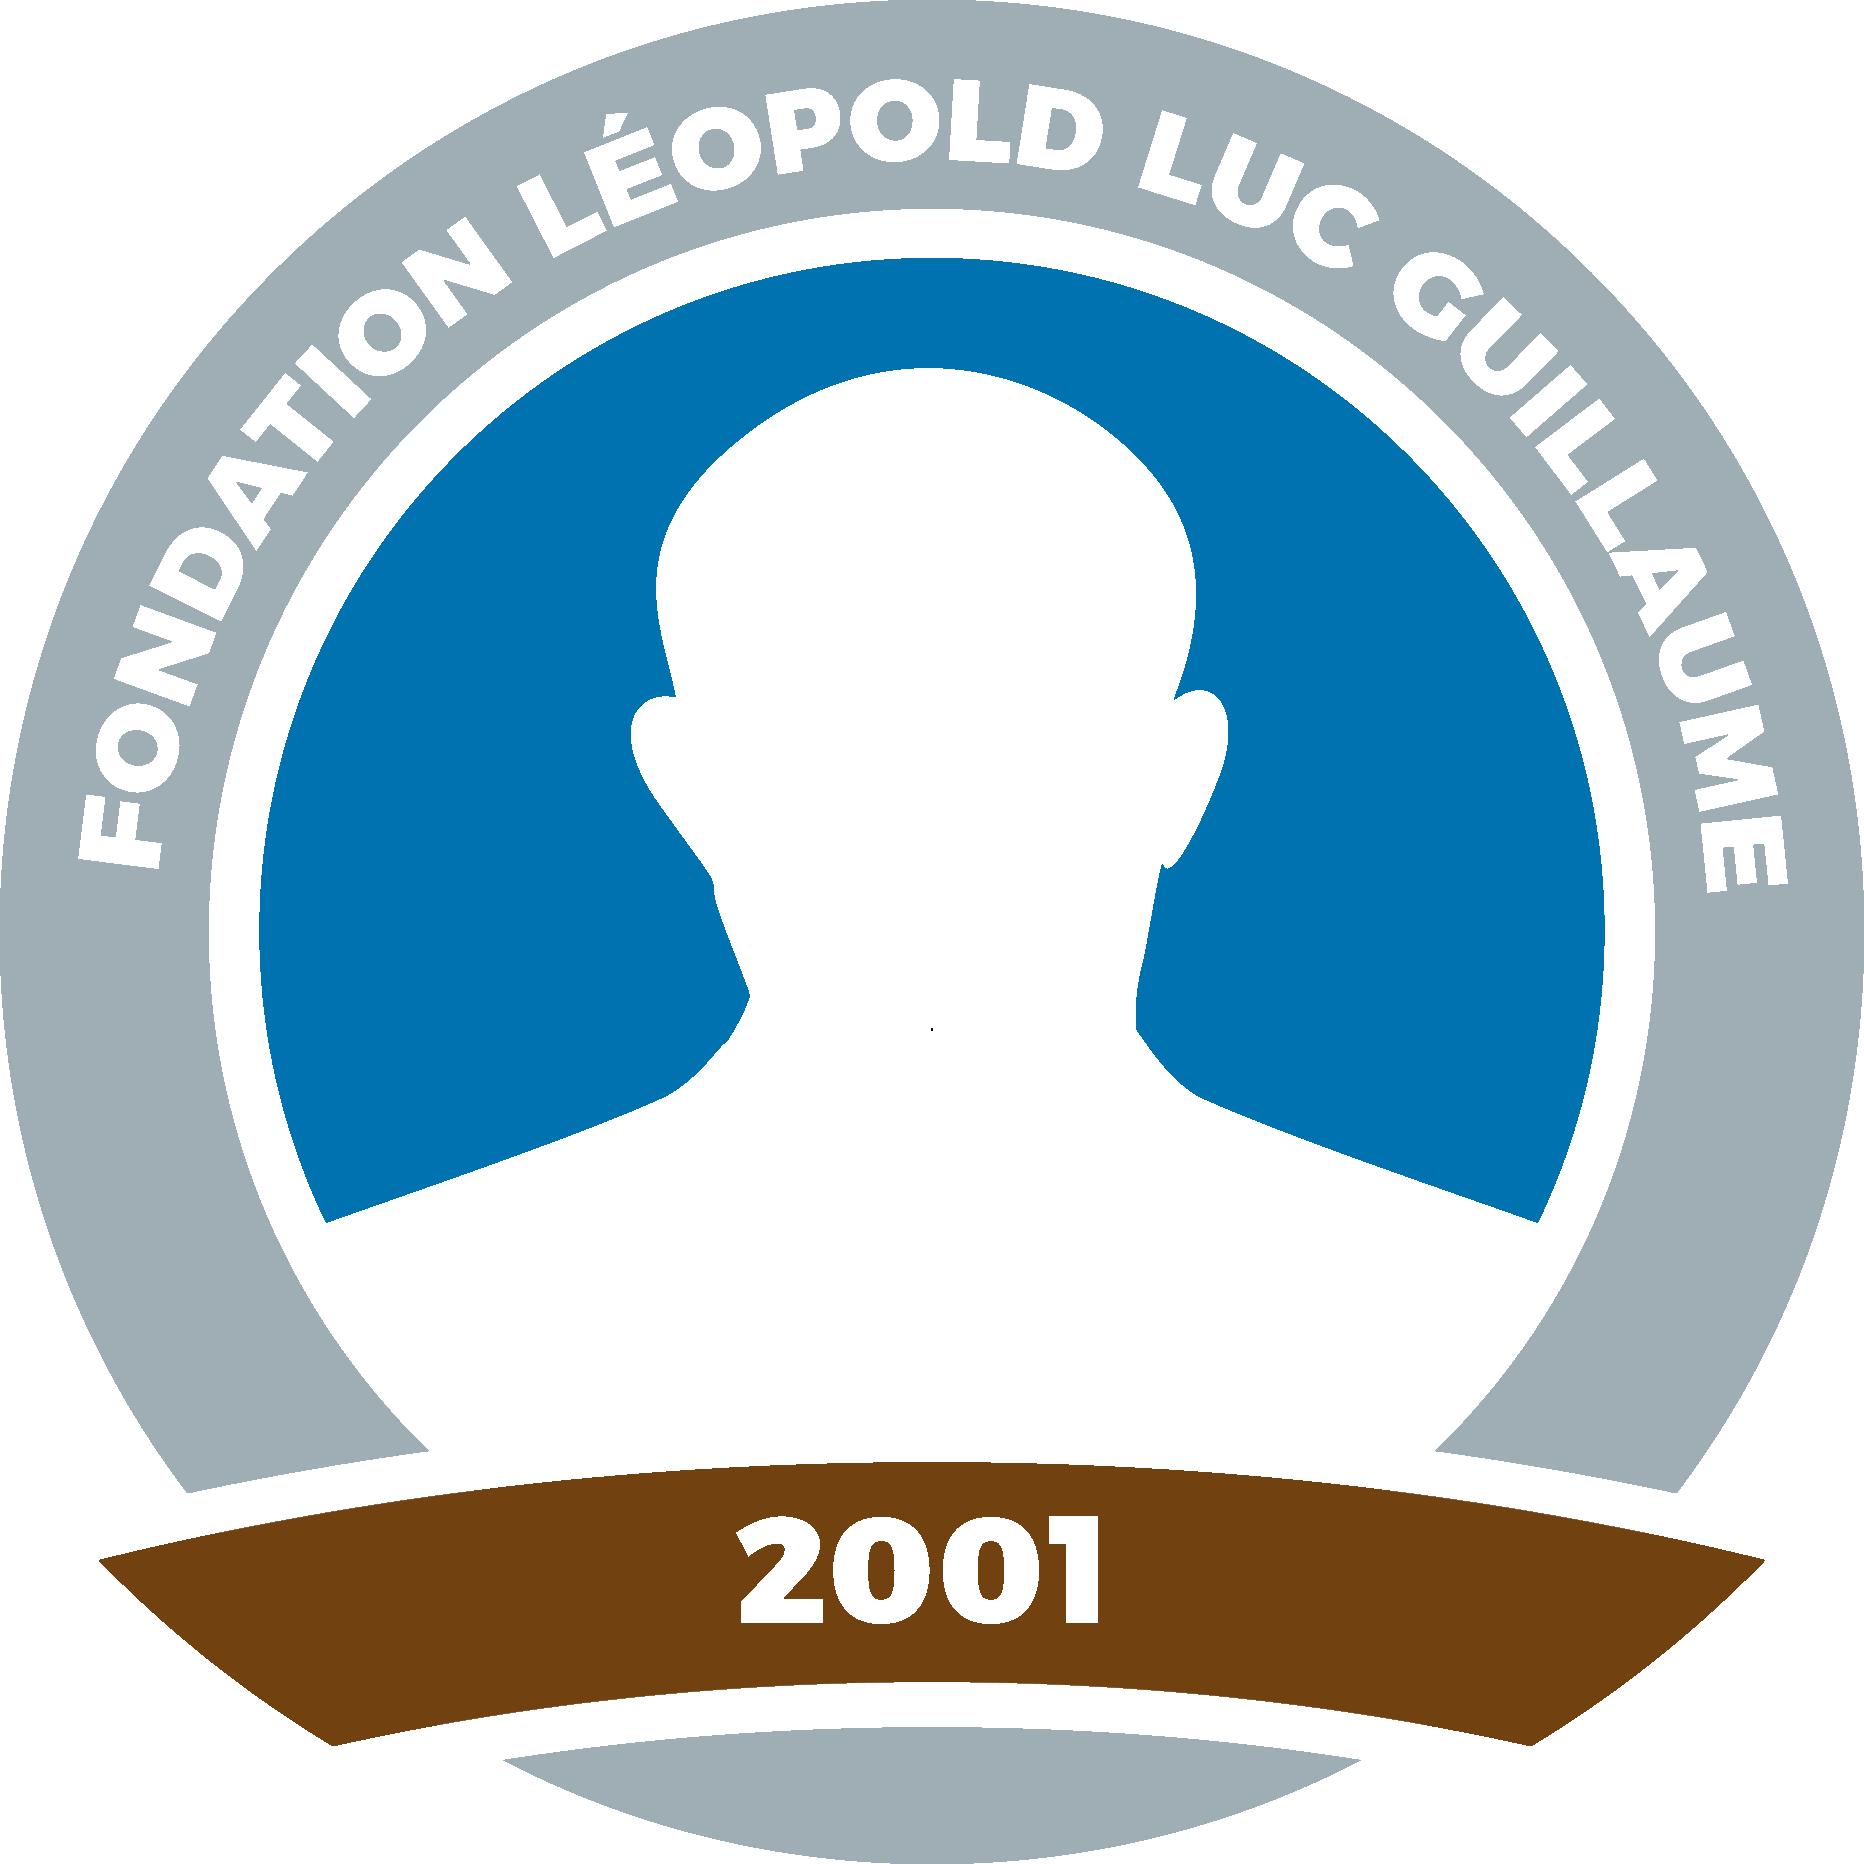 fllg-logo-